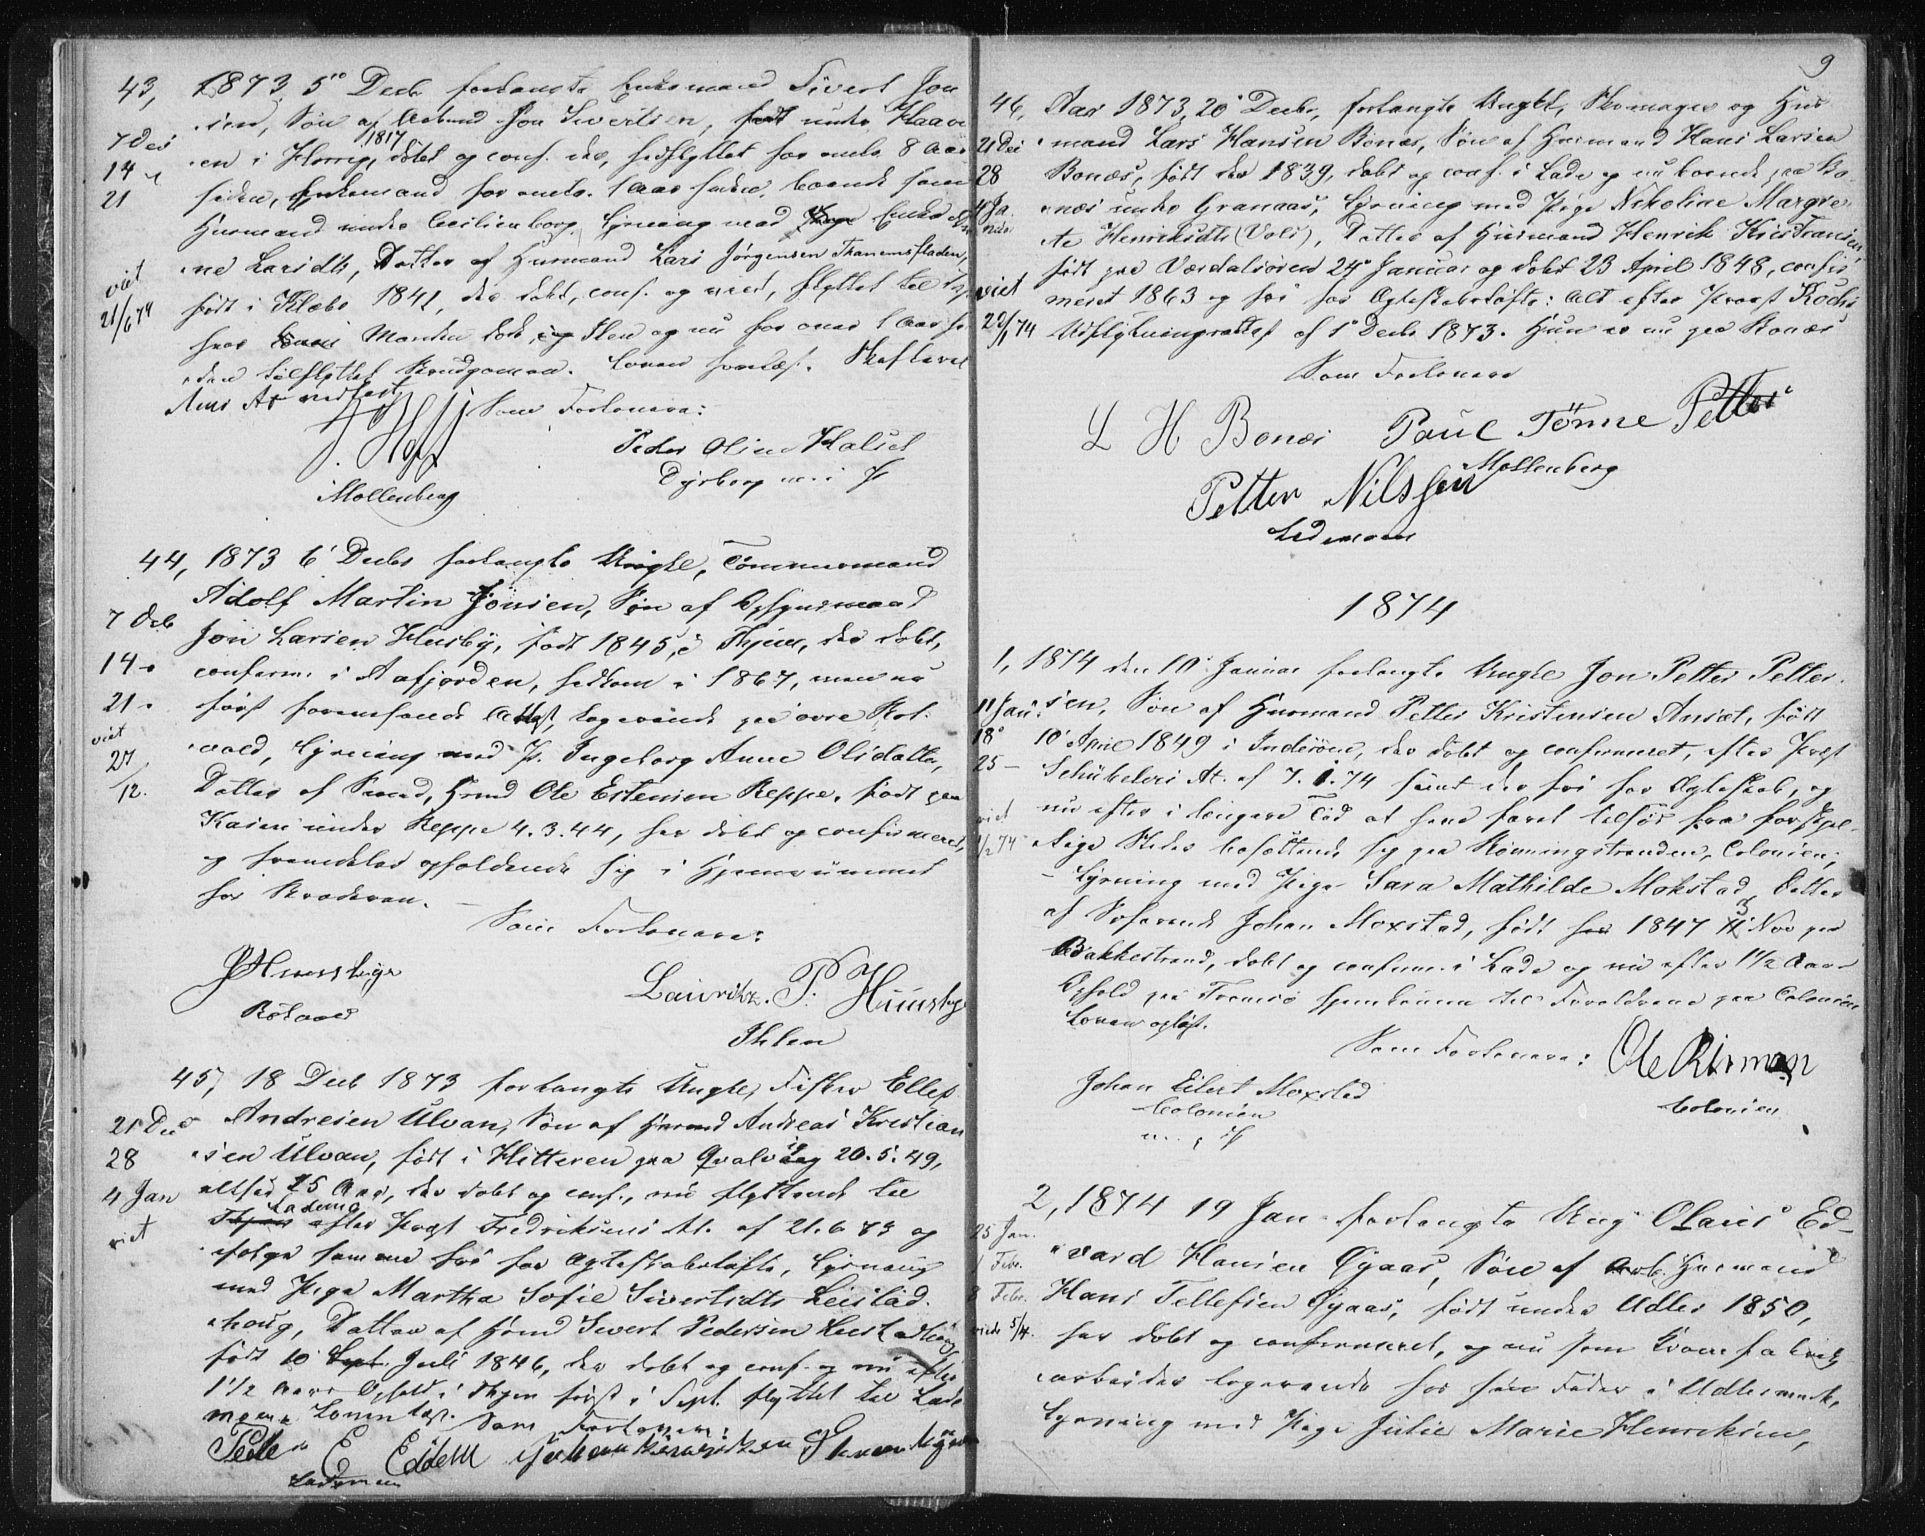 SAT, Ministerialprotokoller, klokkerbøker og fødselsregistre - Sør-Trøndelag, 606/L0299: Lysningsprotokoll nr. 606A14, 1873-1889, s. 9